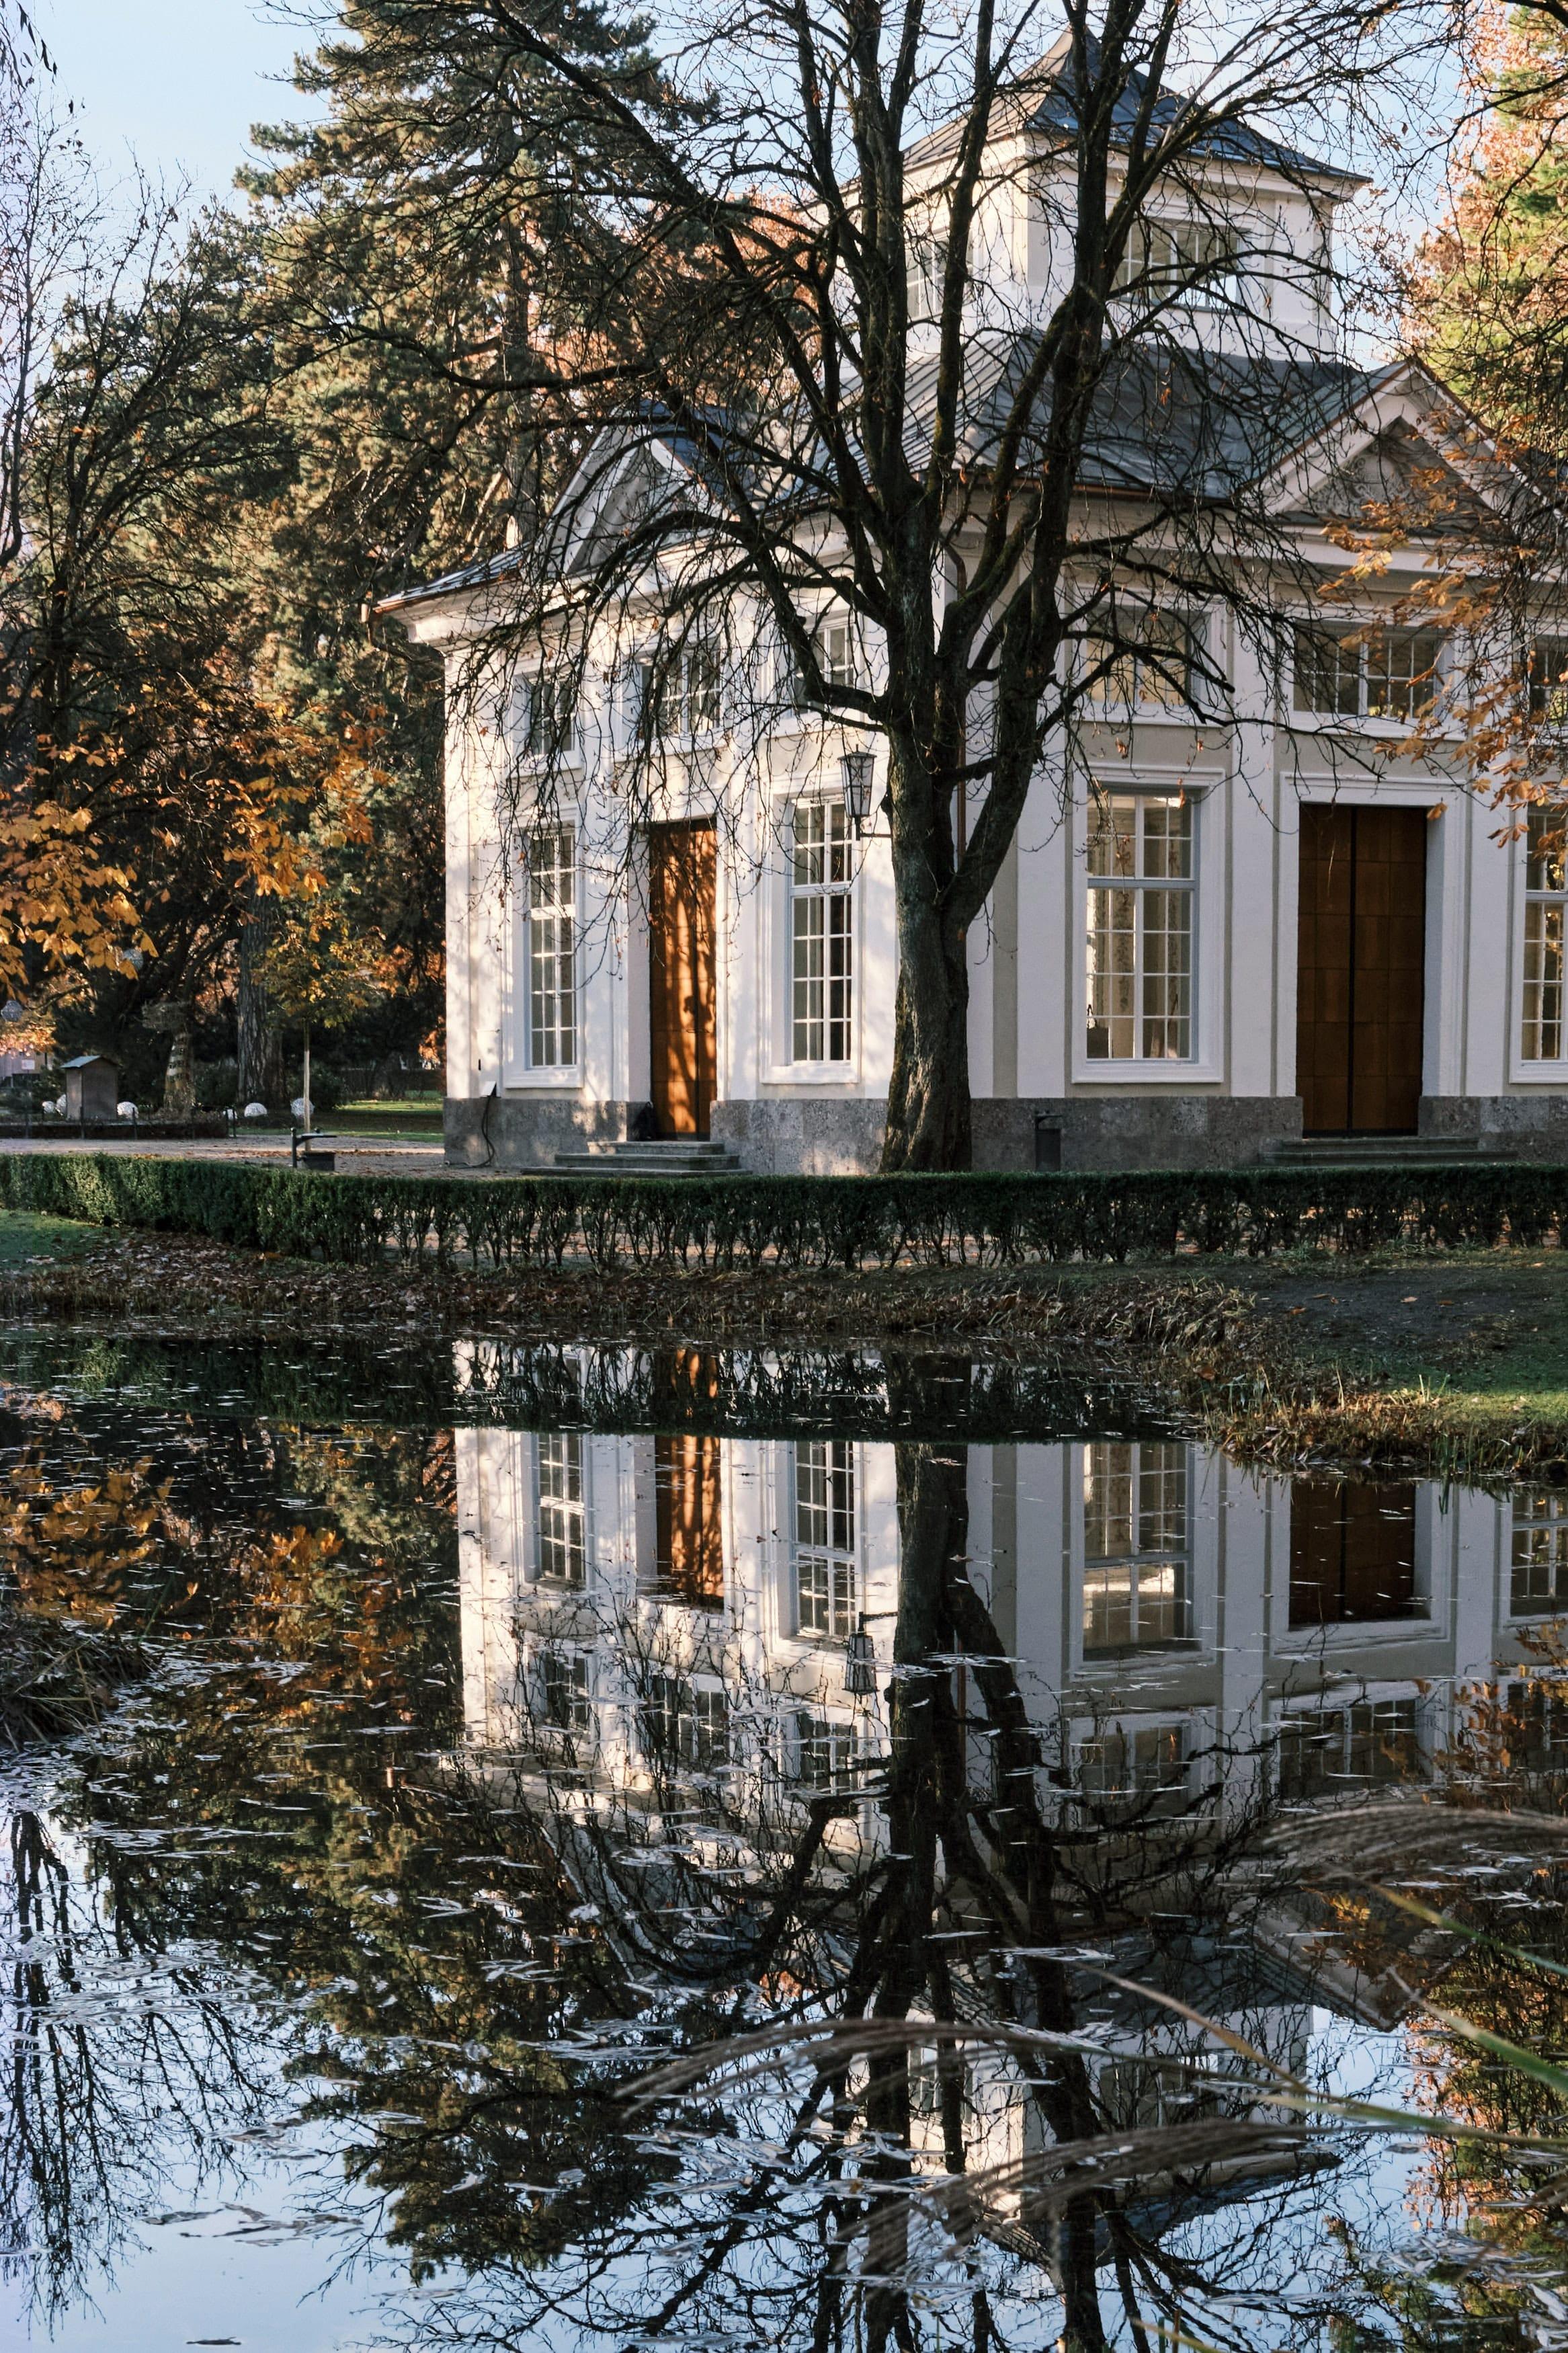 Teich und Häuschen im Hofgarten Innsbruck